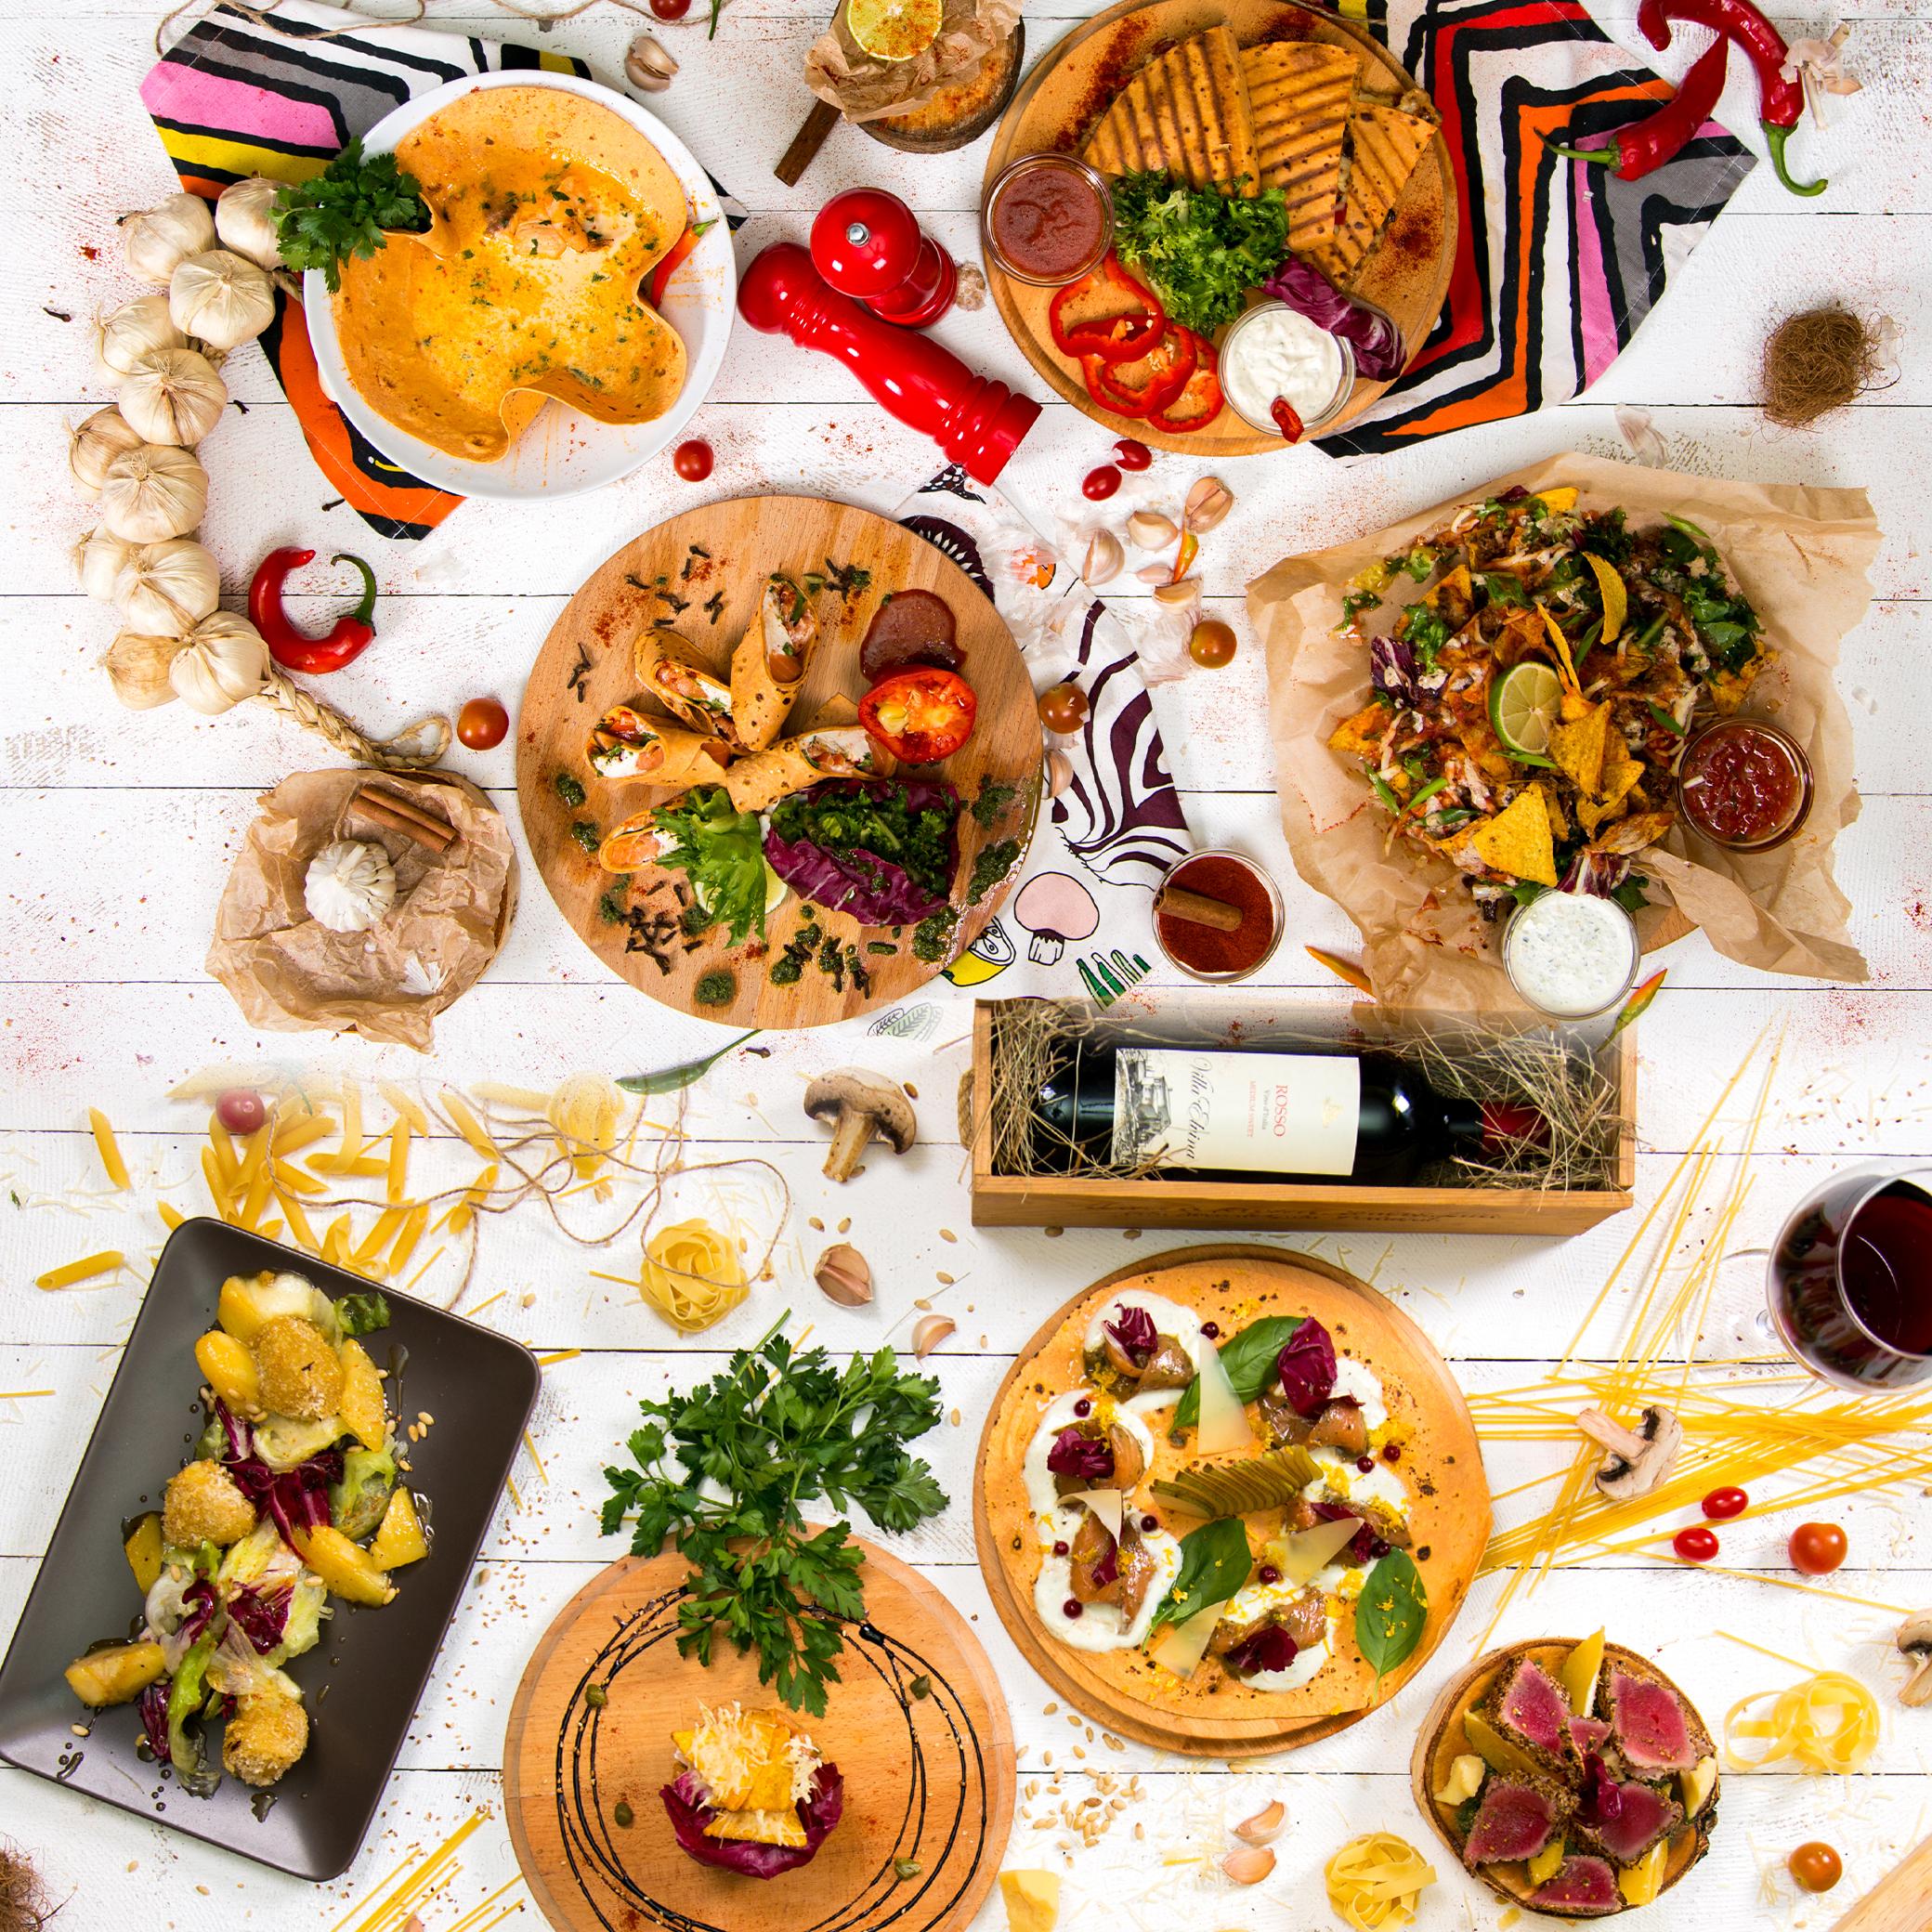 Услуги food фото съемки композиций